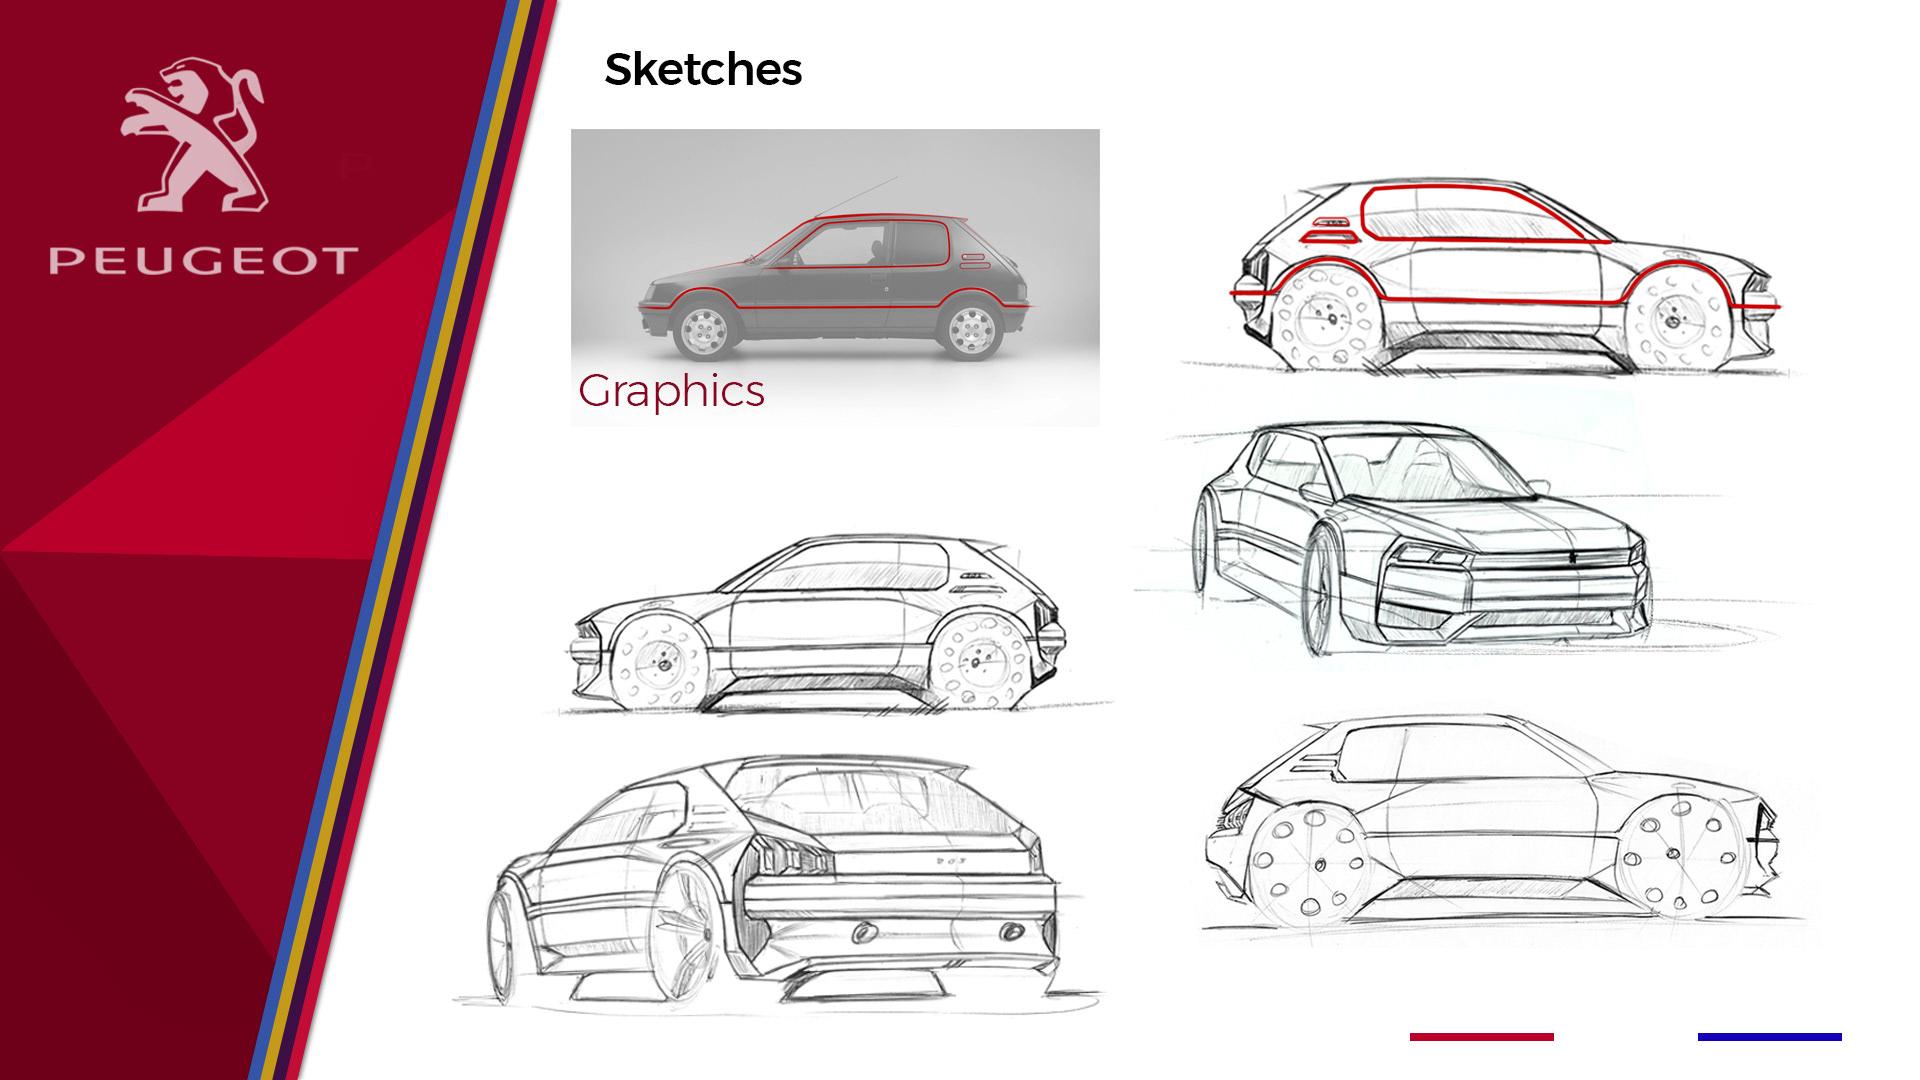 La Peugeot 205 Gti Reinventee Par Un Designer Bresilien